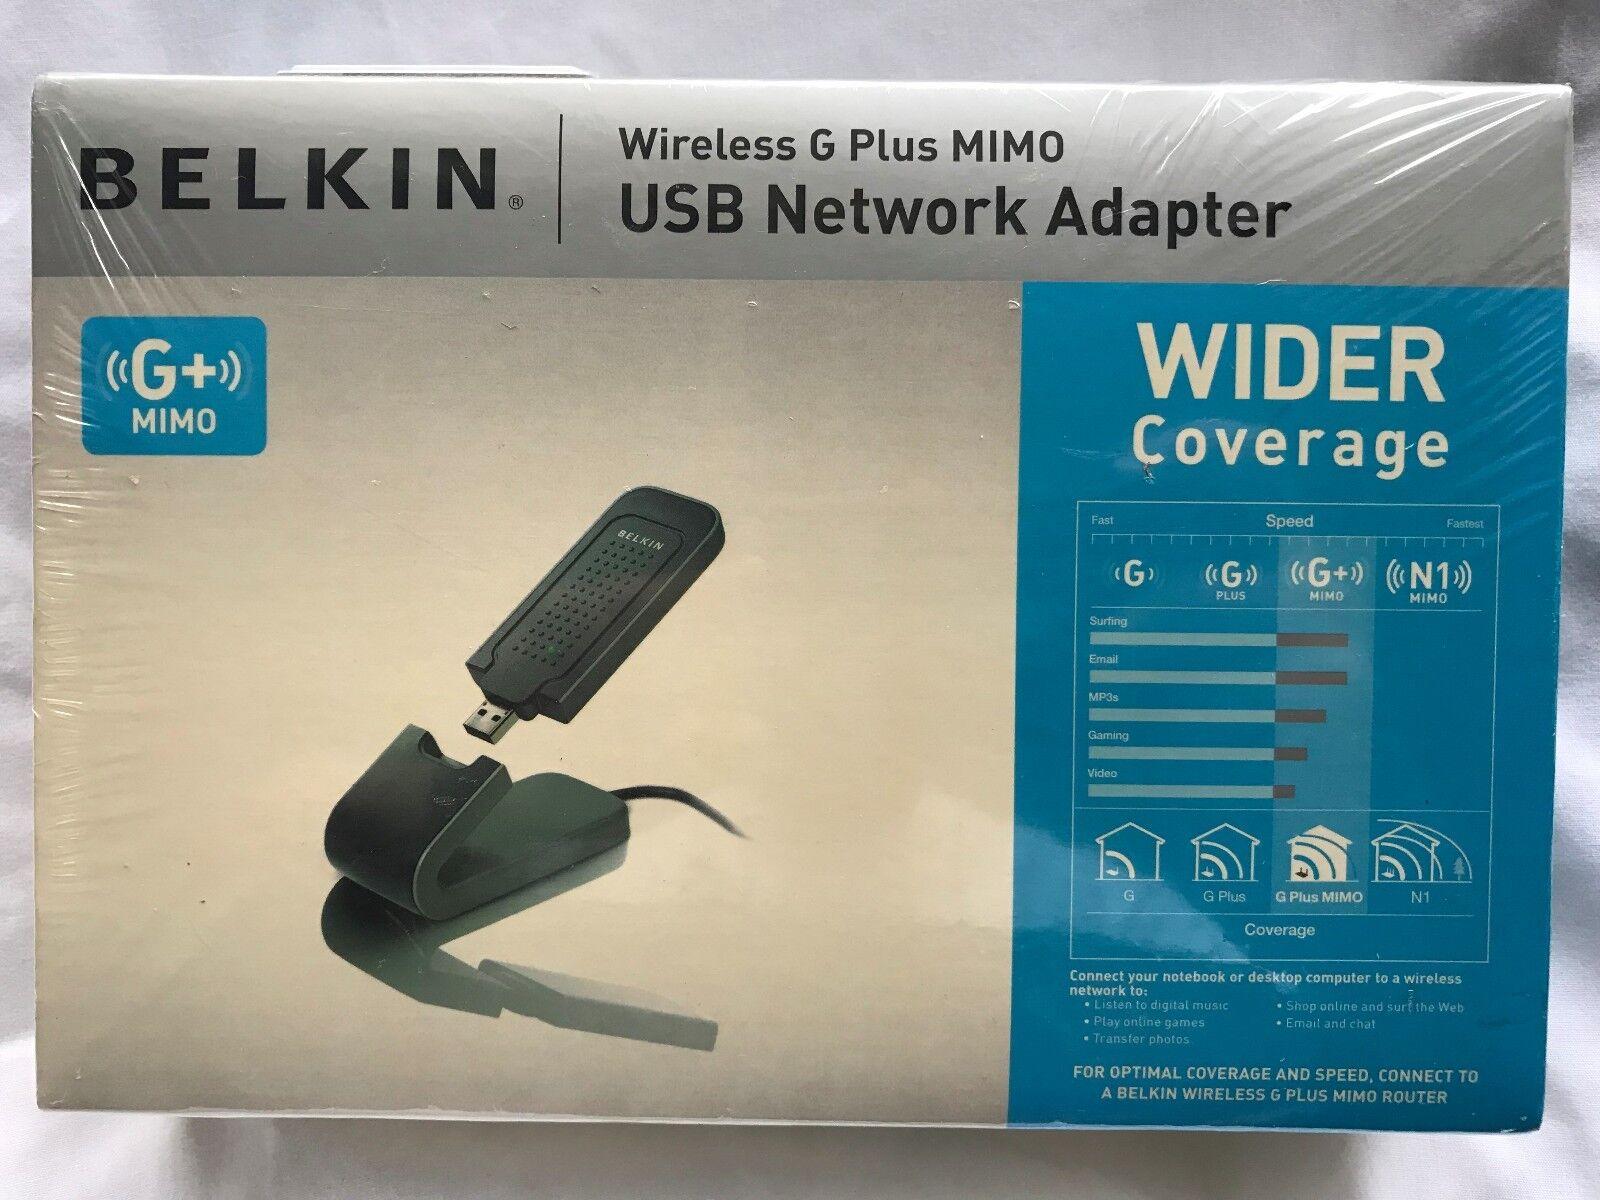 BELKIN WIRELESS N PLUS MIMO WINDOWS 8.1 DRIVER DOWNLOAD